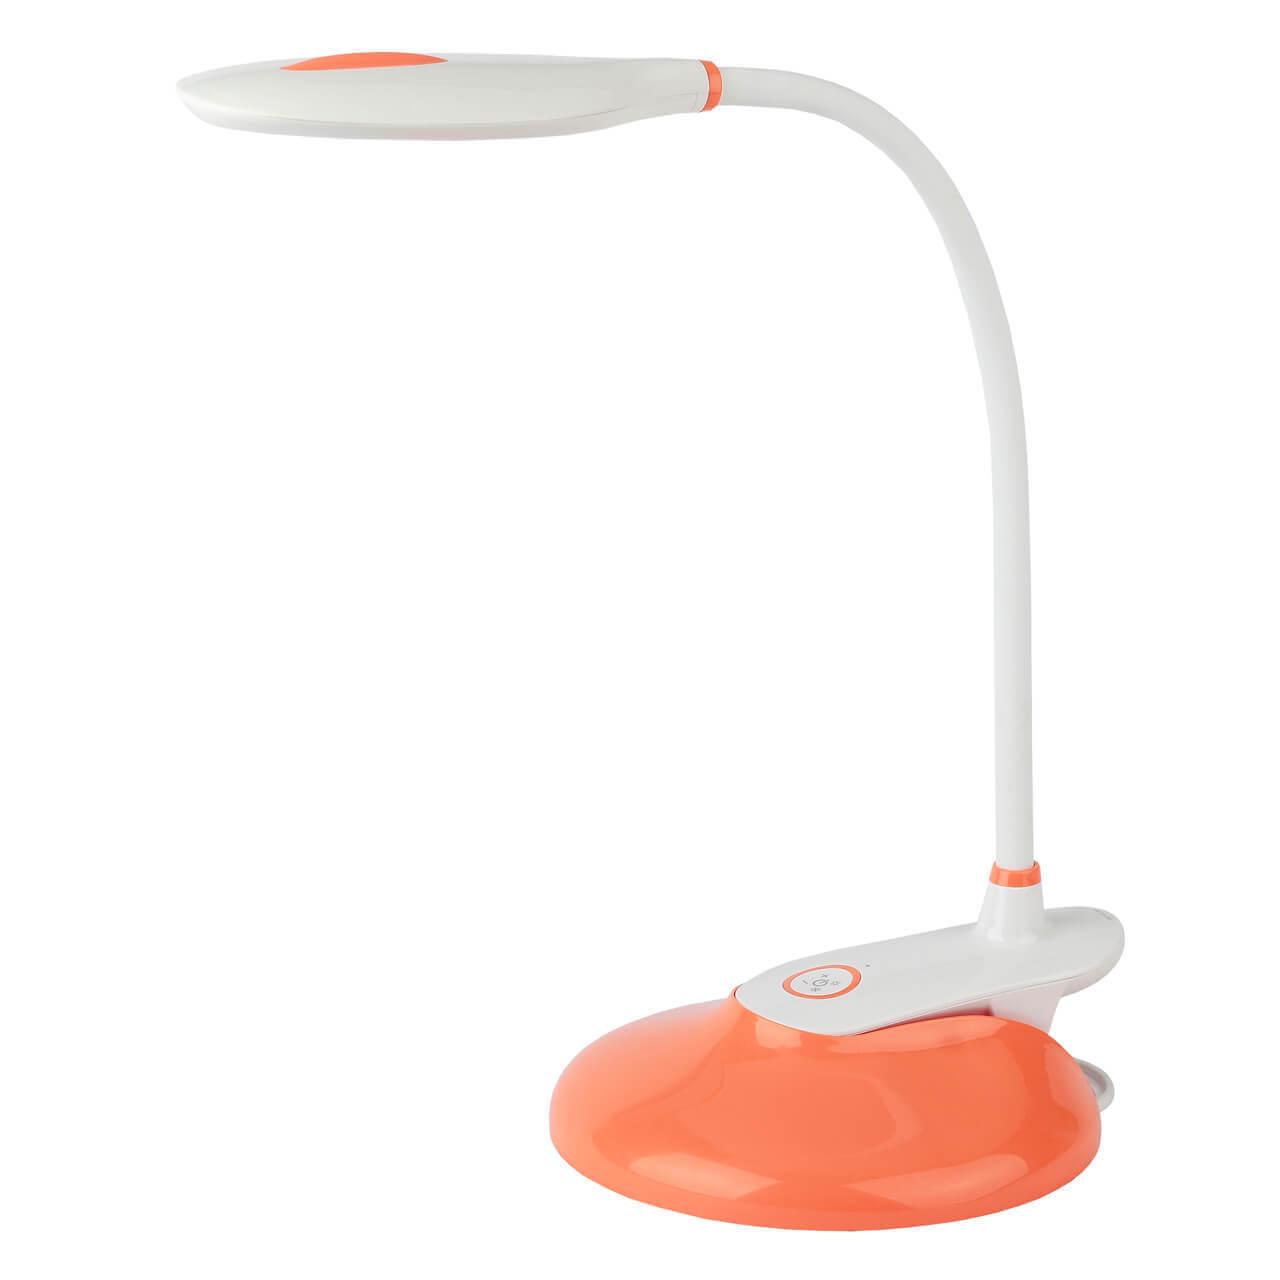 Фото - Настольная лампа ЭРА NLED-459-9W-OR NLED-459 светильник настольный эра nled 459 9w bu на подставке 9вт белый [б0028459]